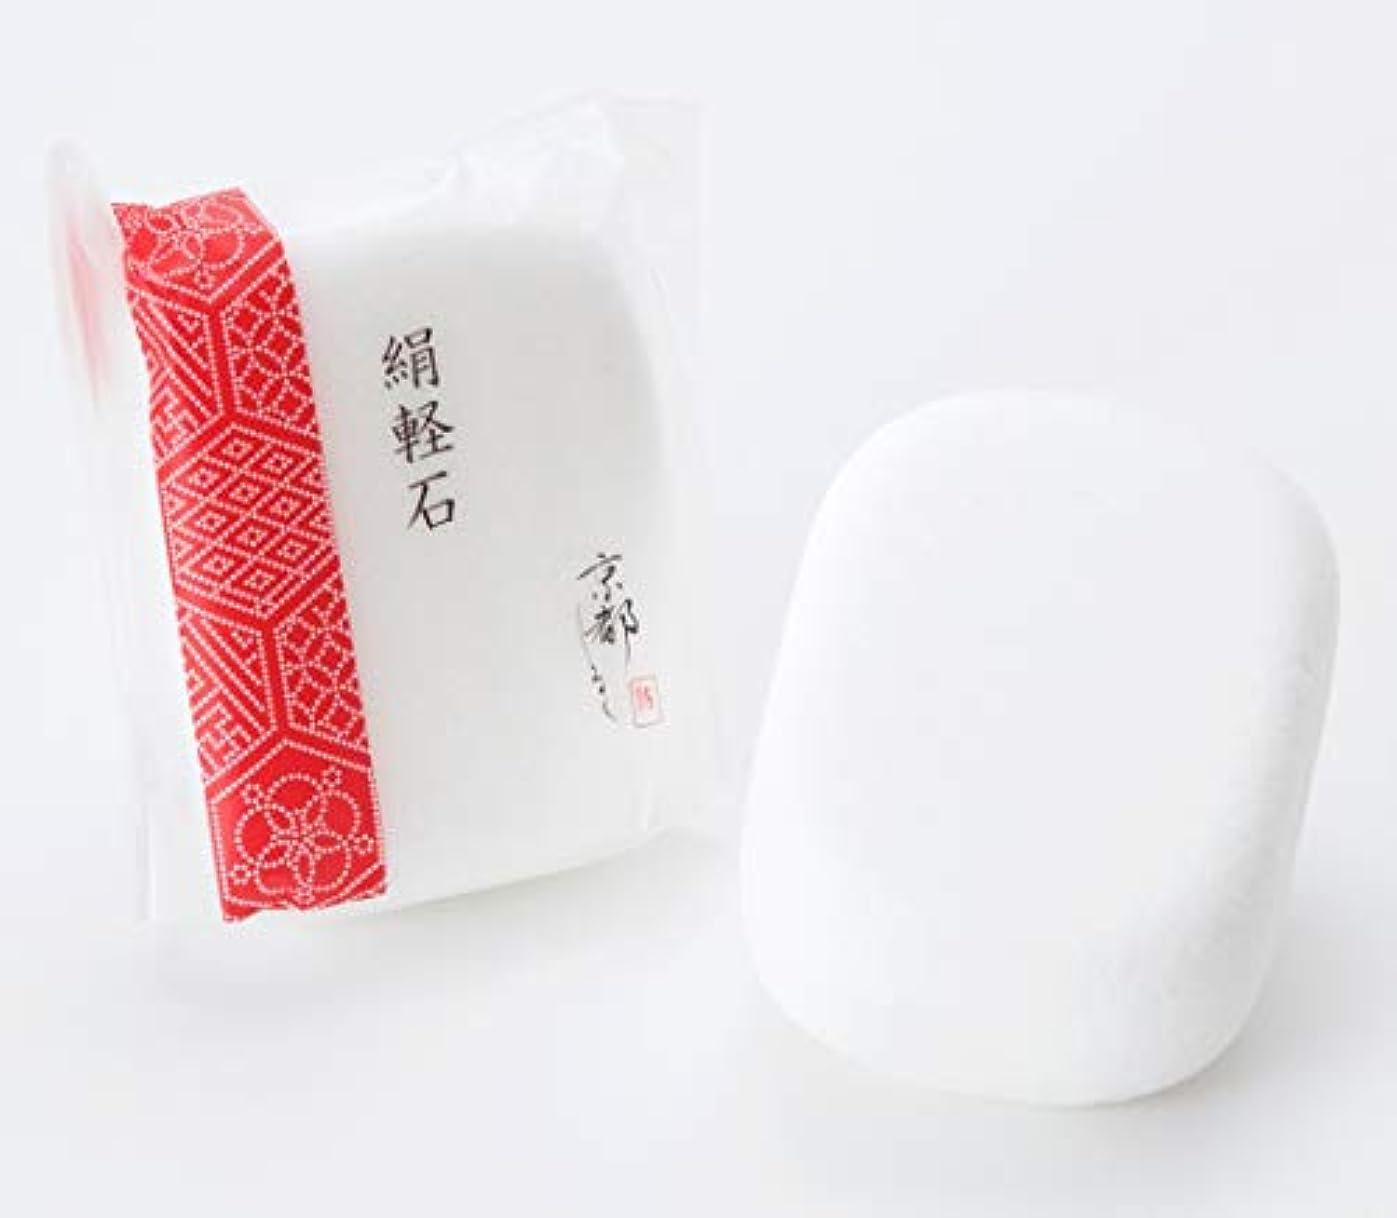 スポンジリベラルサポート京都しるく シルクの軽石【保湿成分シルクパウダー配合】/かかとの角質を落としてツルツル素足に 絹軽石 かかとキレイ かかとつるつる